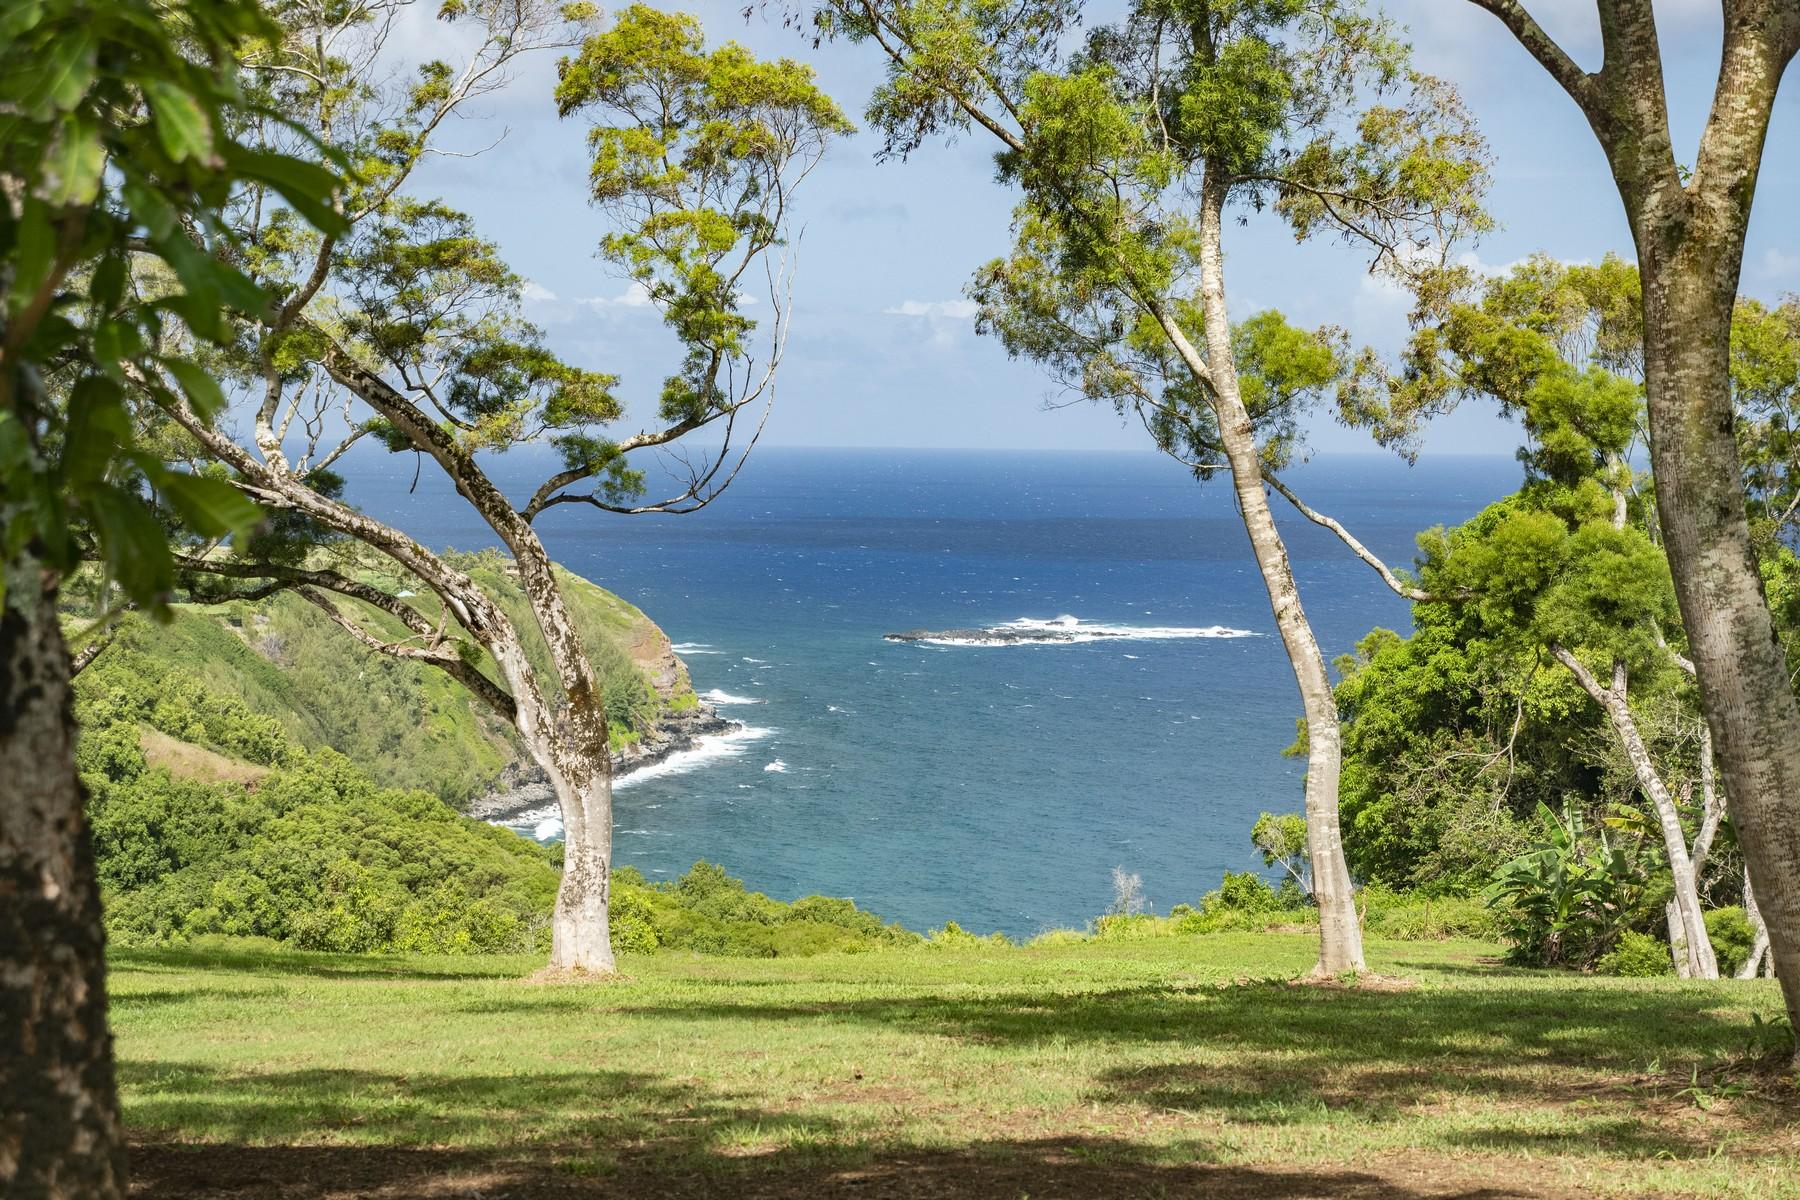 토지 용 매매 에 Build your Dream Home in the Fairytail Location 3 Kamau Rd, Haiku, 하와이 96708 미국